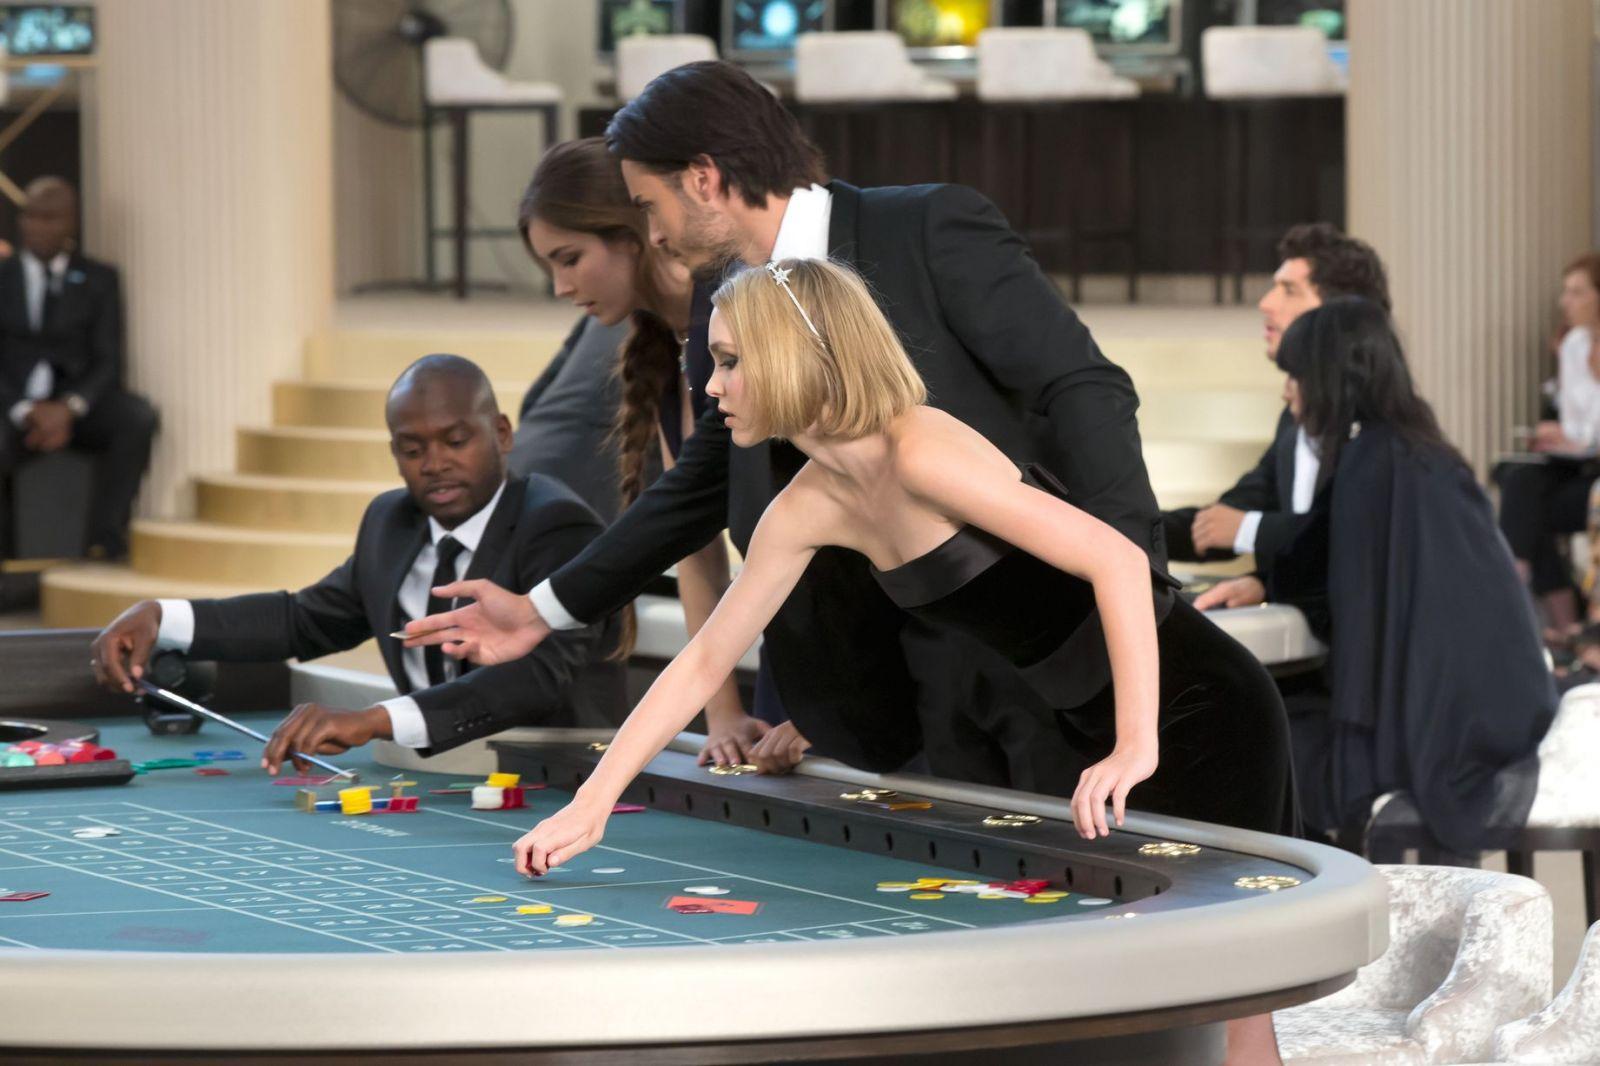 Дочь Джонни Деппа сыграла в казино на показе Chanel - фото №1